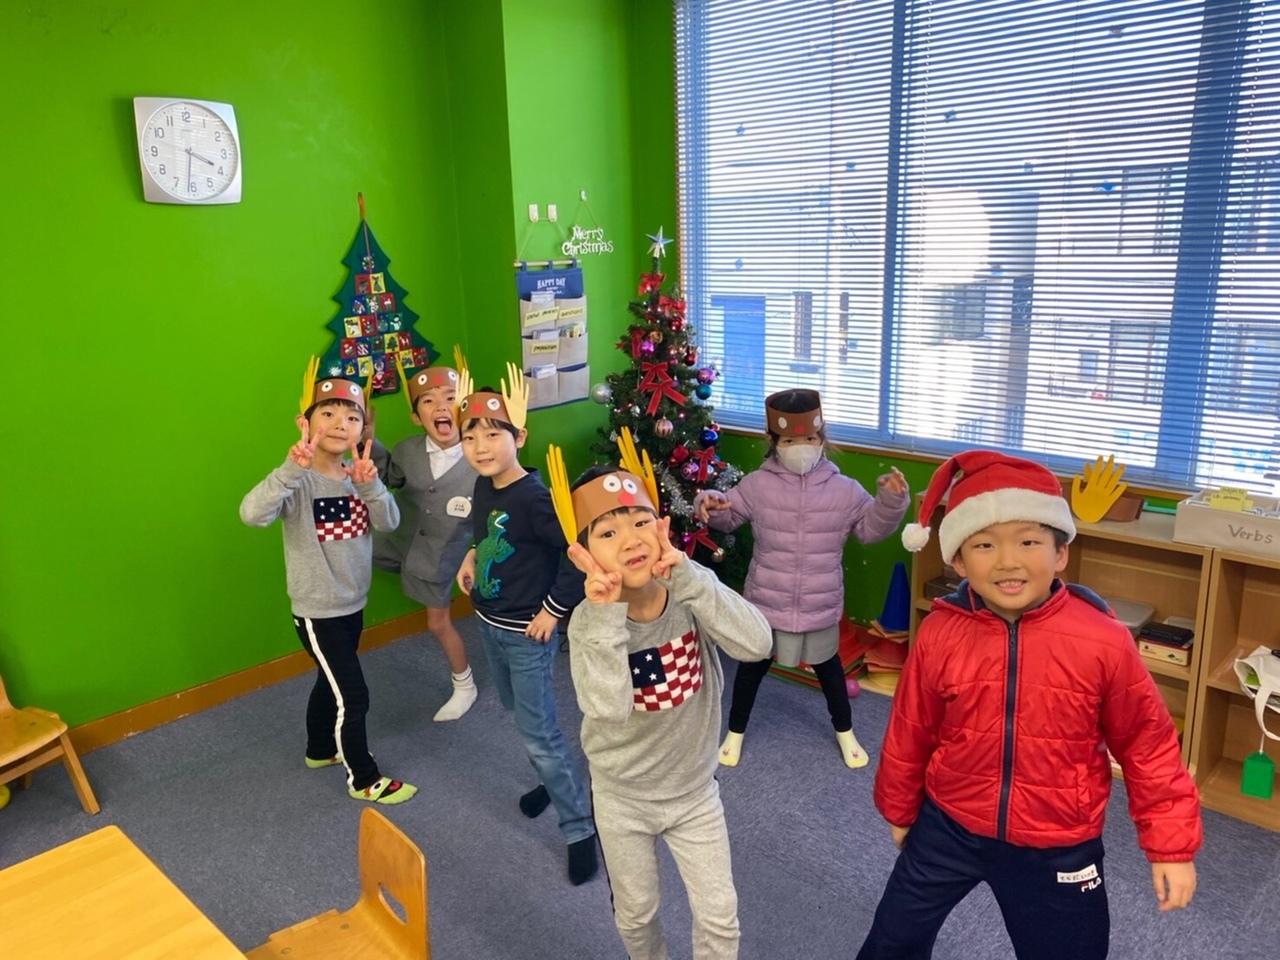 クリスマスレッスン始まる_a0113809_12214014.jpg